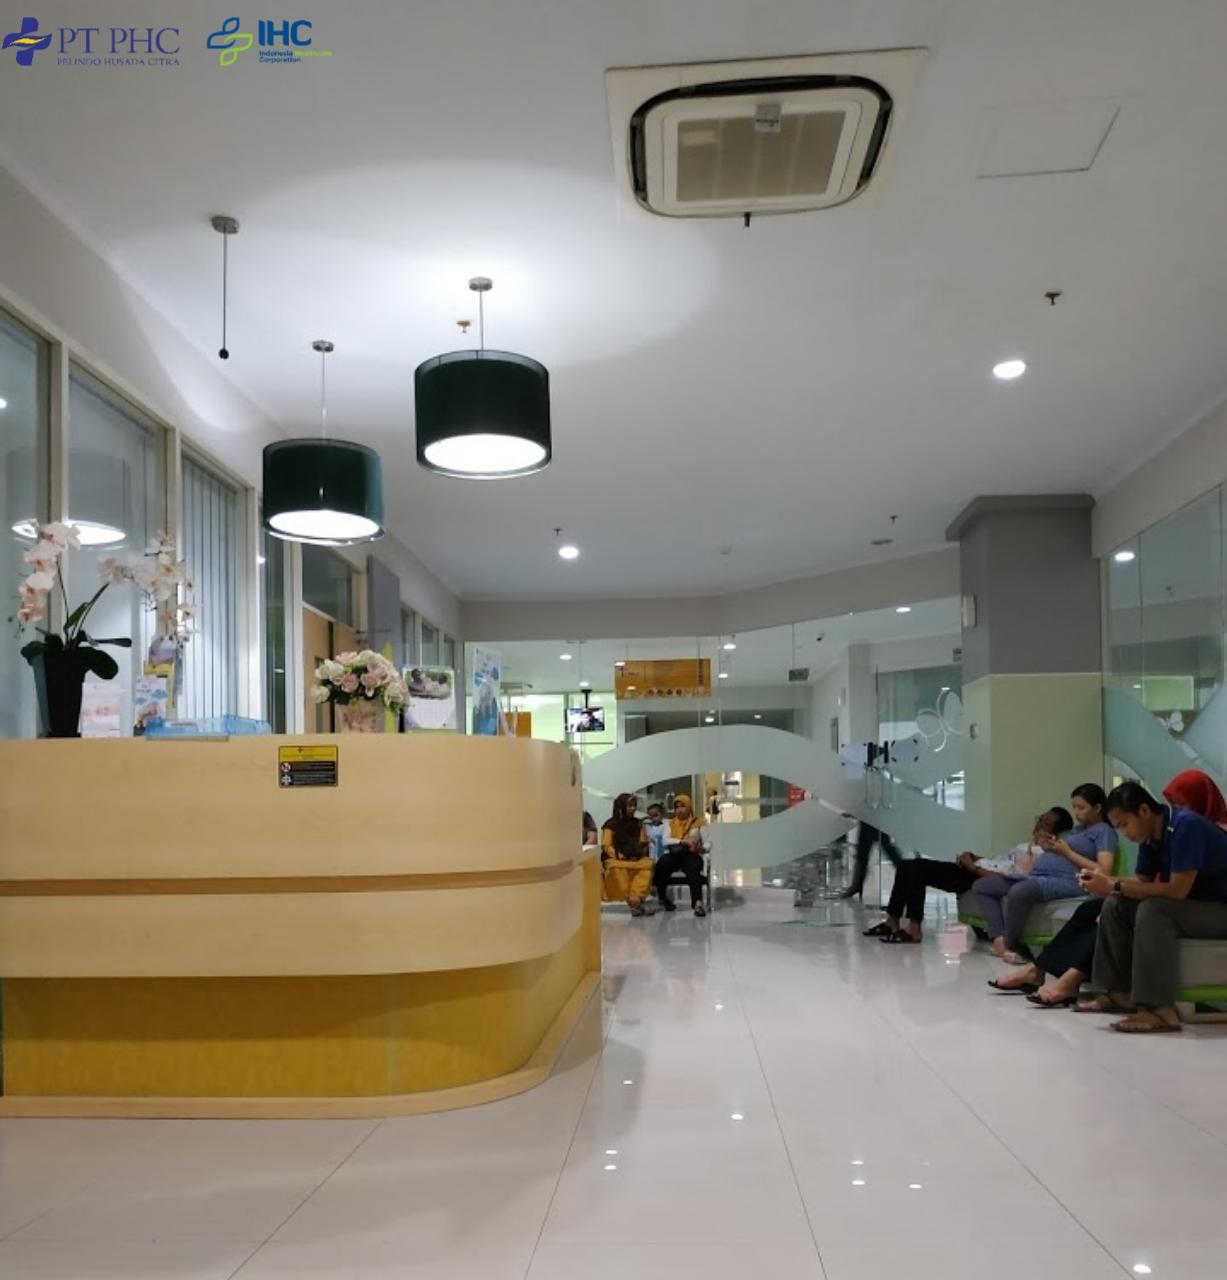 RS PHC Surabaya